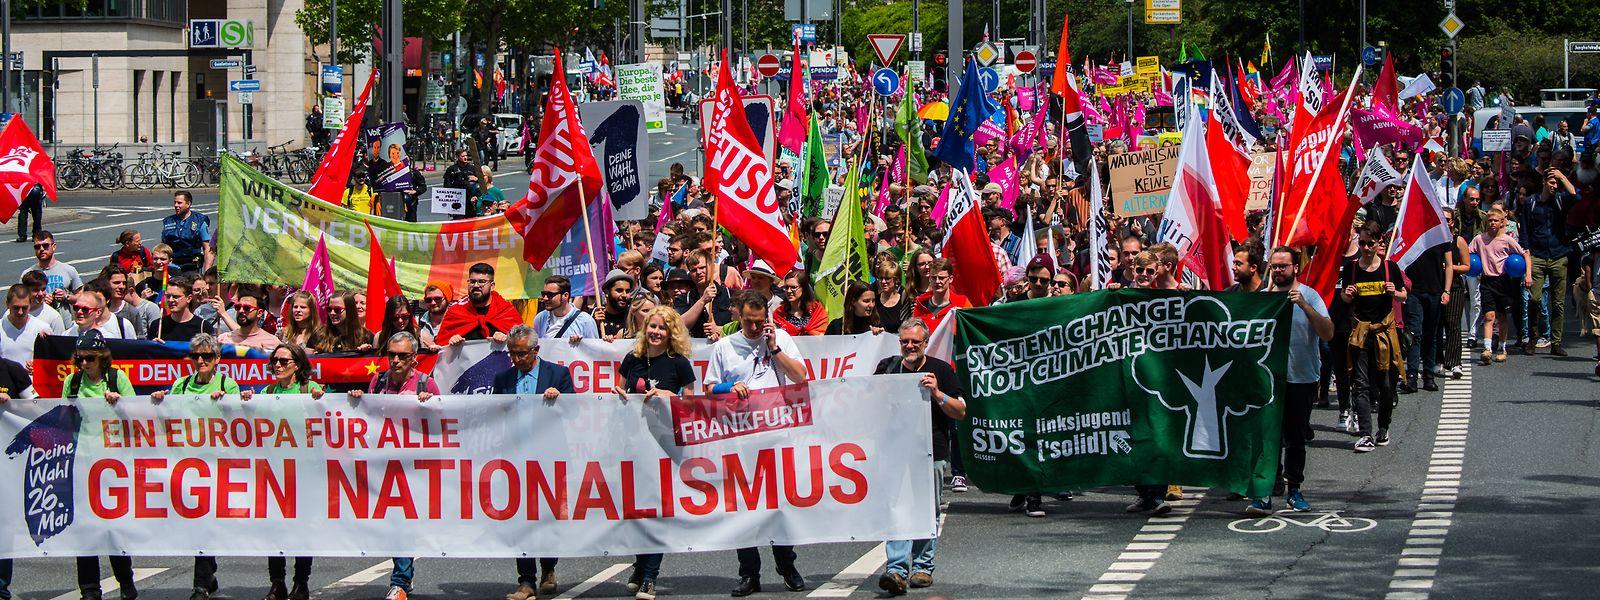 Unter dem Motto «Ein Europa für Alle - Deine Stimme gegen Nationalismus» riefen mehr als 150 Organisationen in Deutschland und europäischen Städten zu Demonstrationen auf. Hier eine Demonstration in Frankfurt.